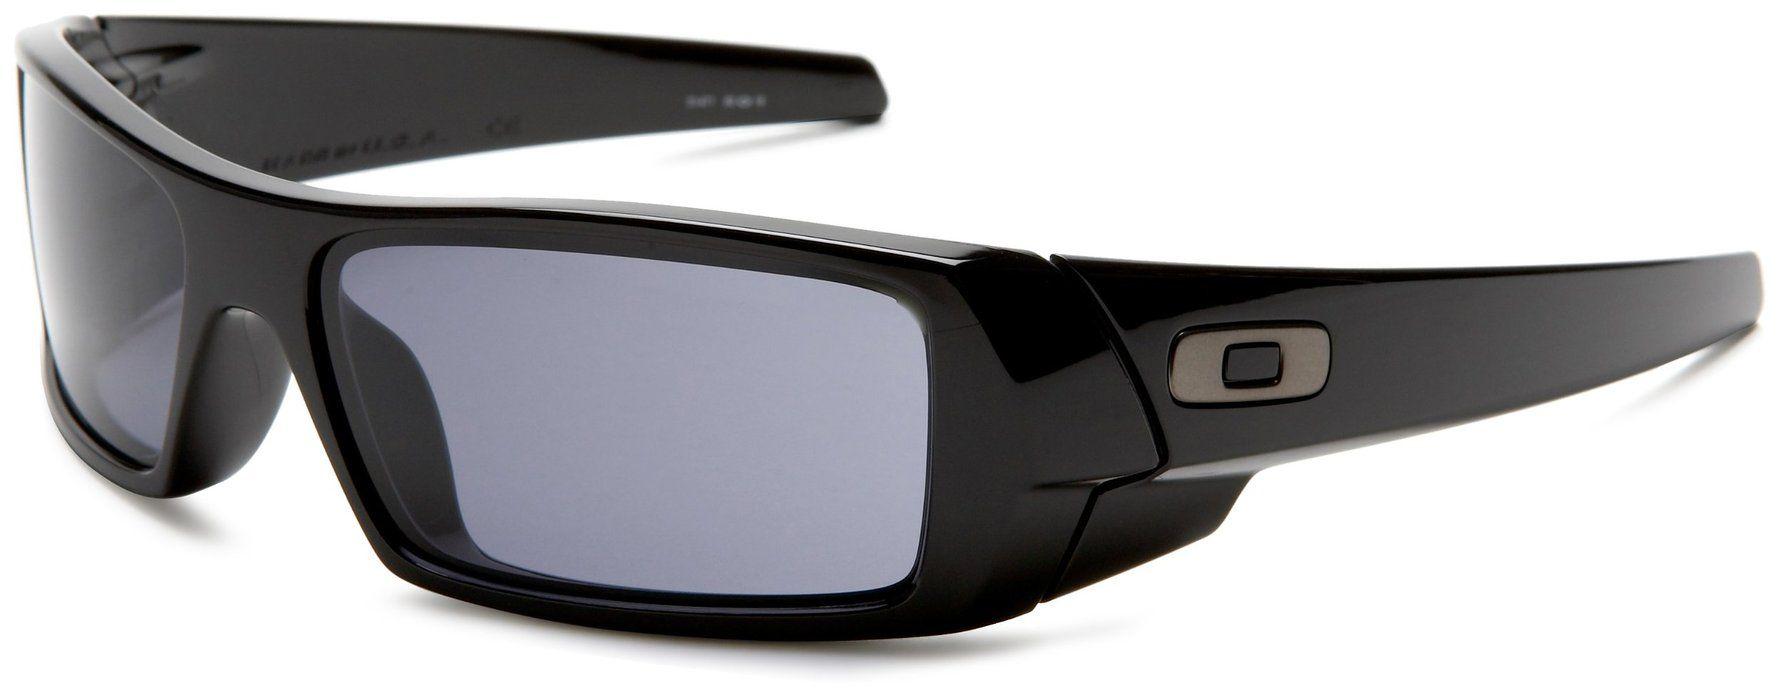 Oakley Men's GasCan Sunglasses,Polished Black Frame/Grey